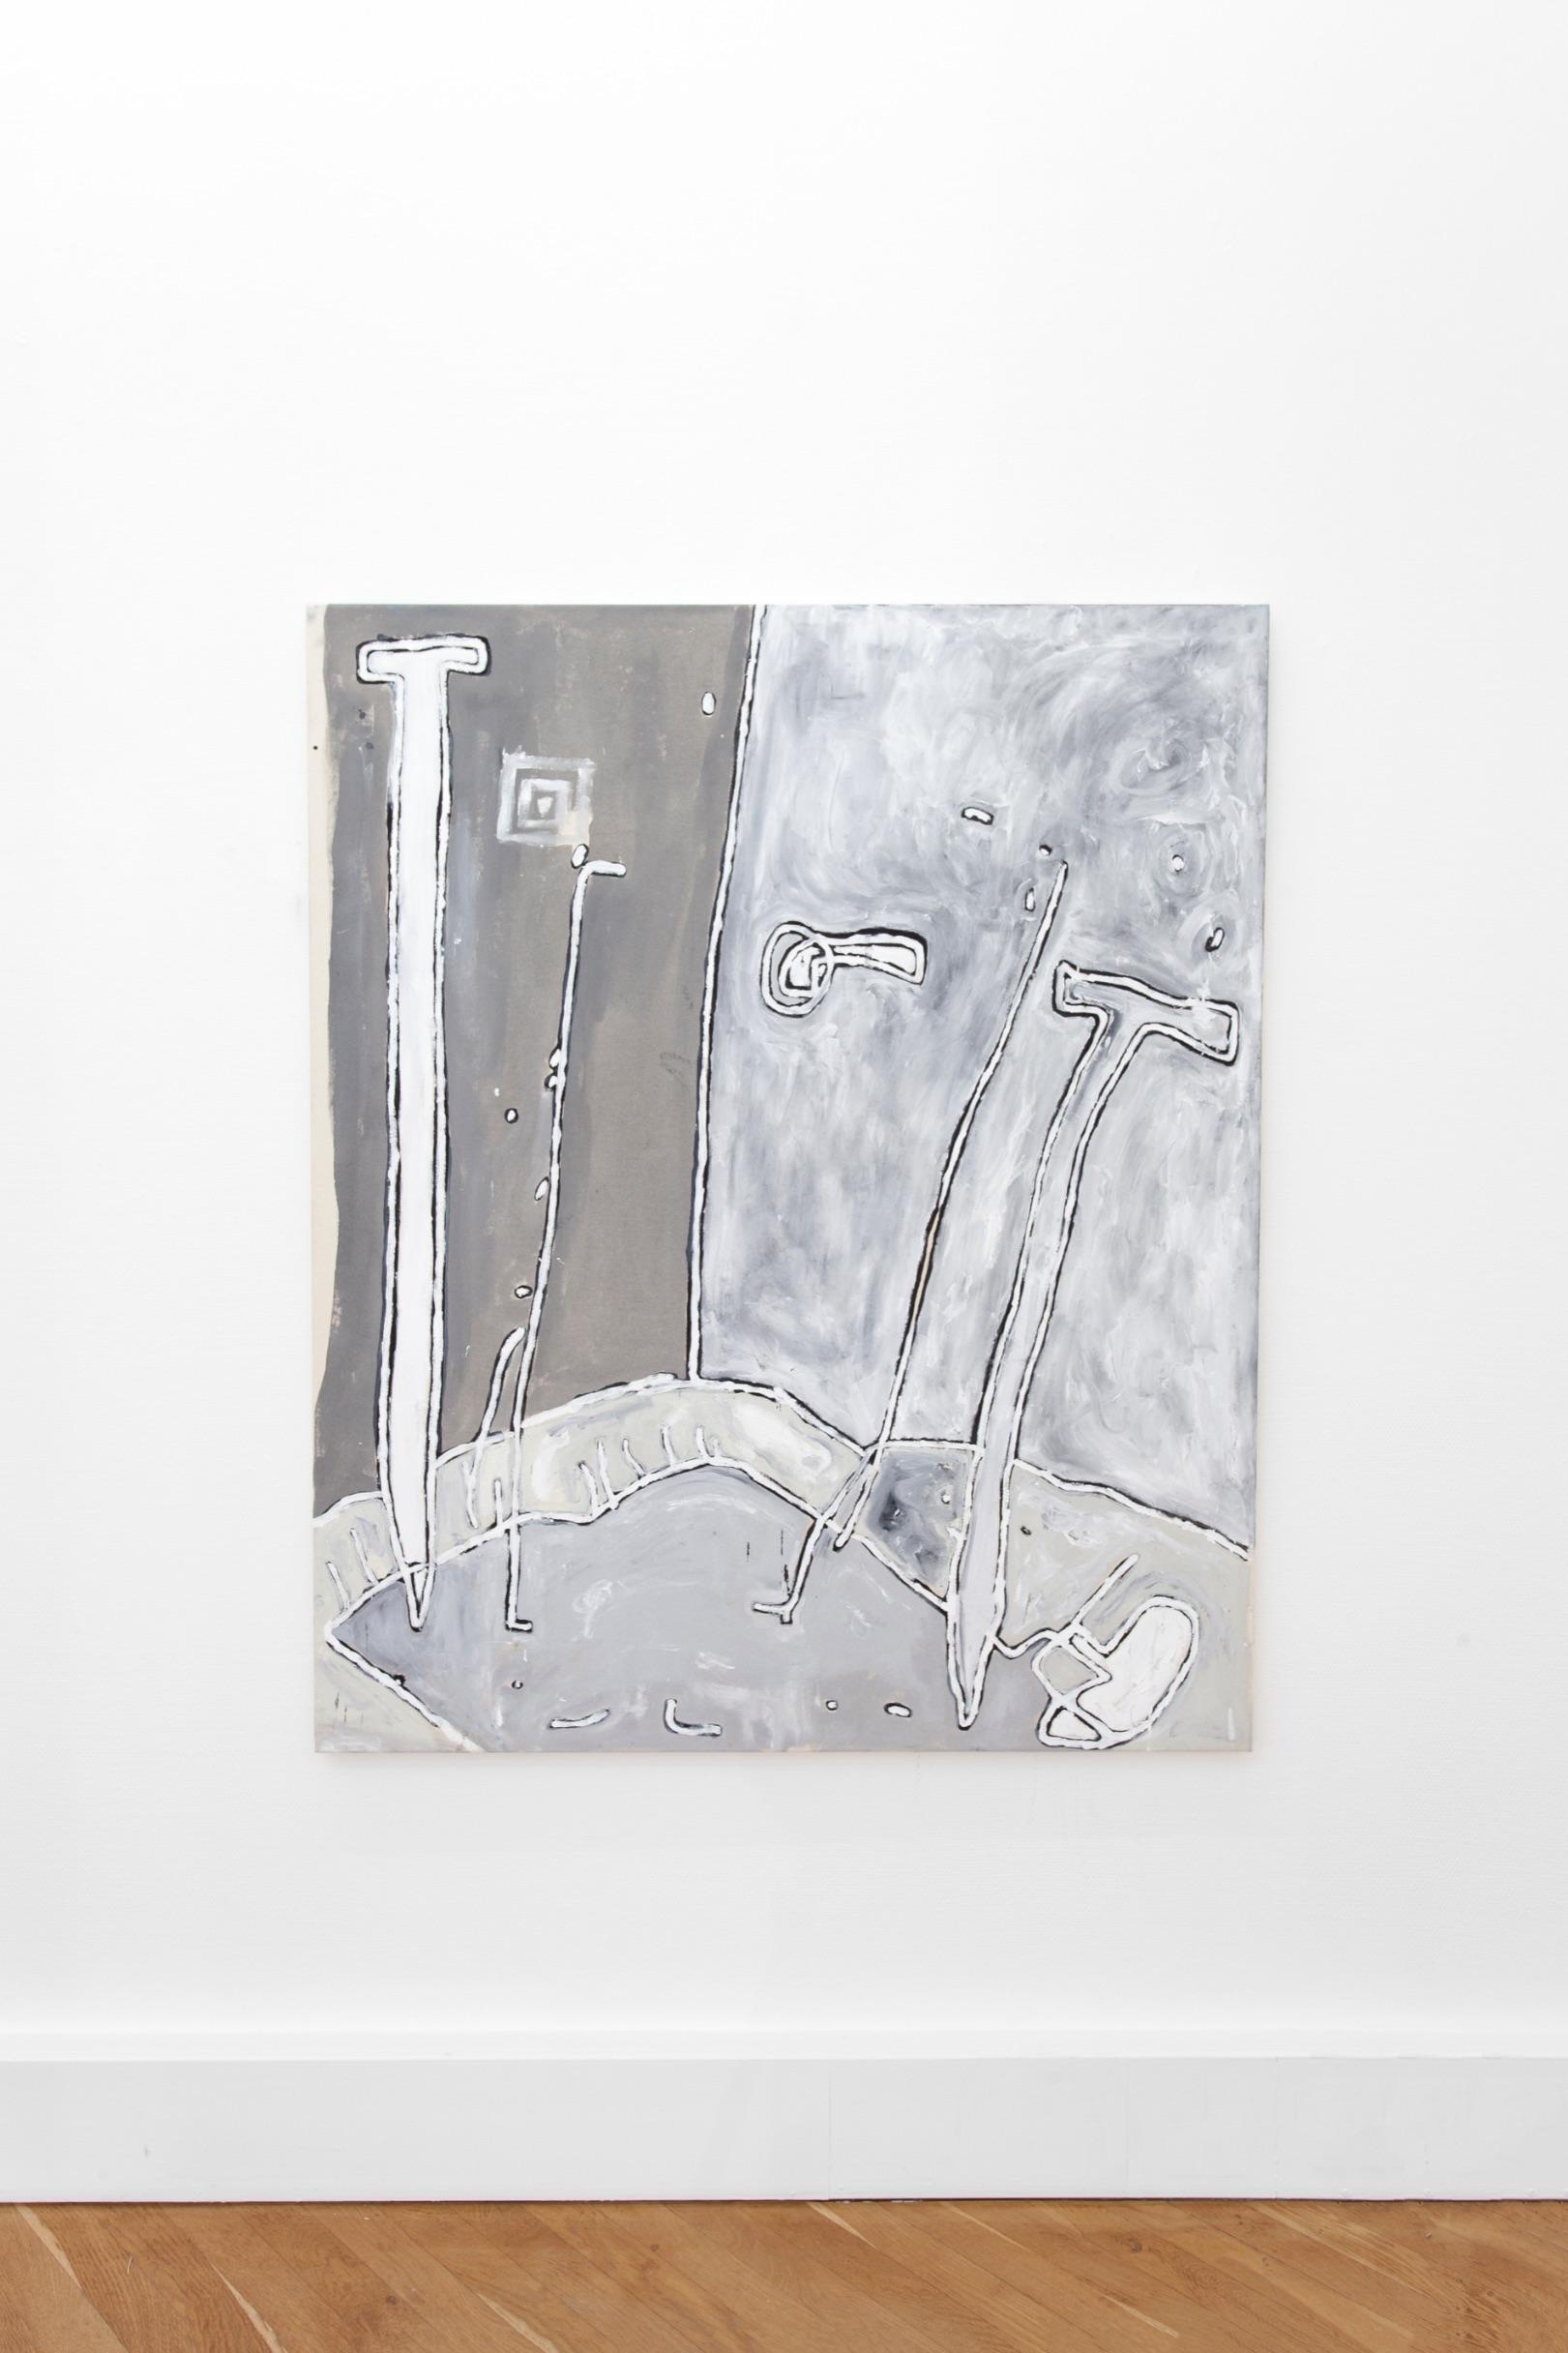 Wolfgang Voegele 7. Tischleben, oil on canvas, 145x120 cm, 2019,